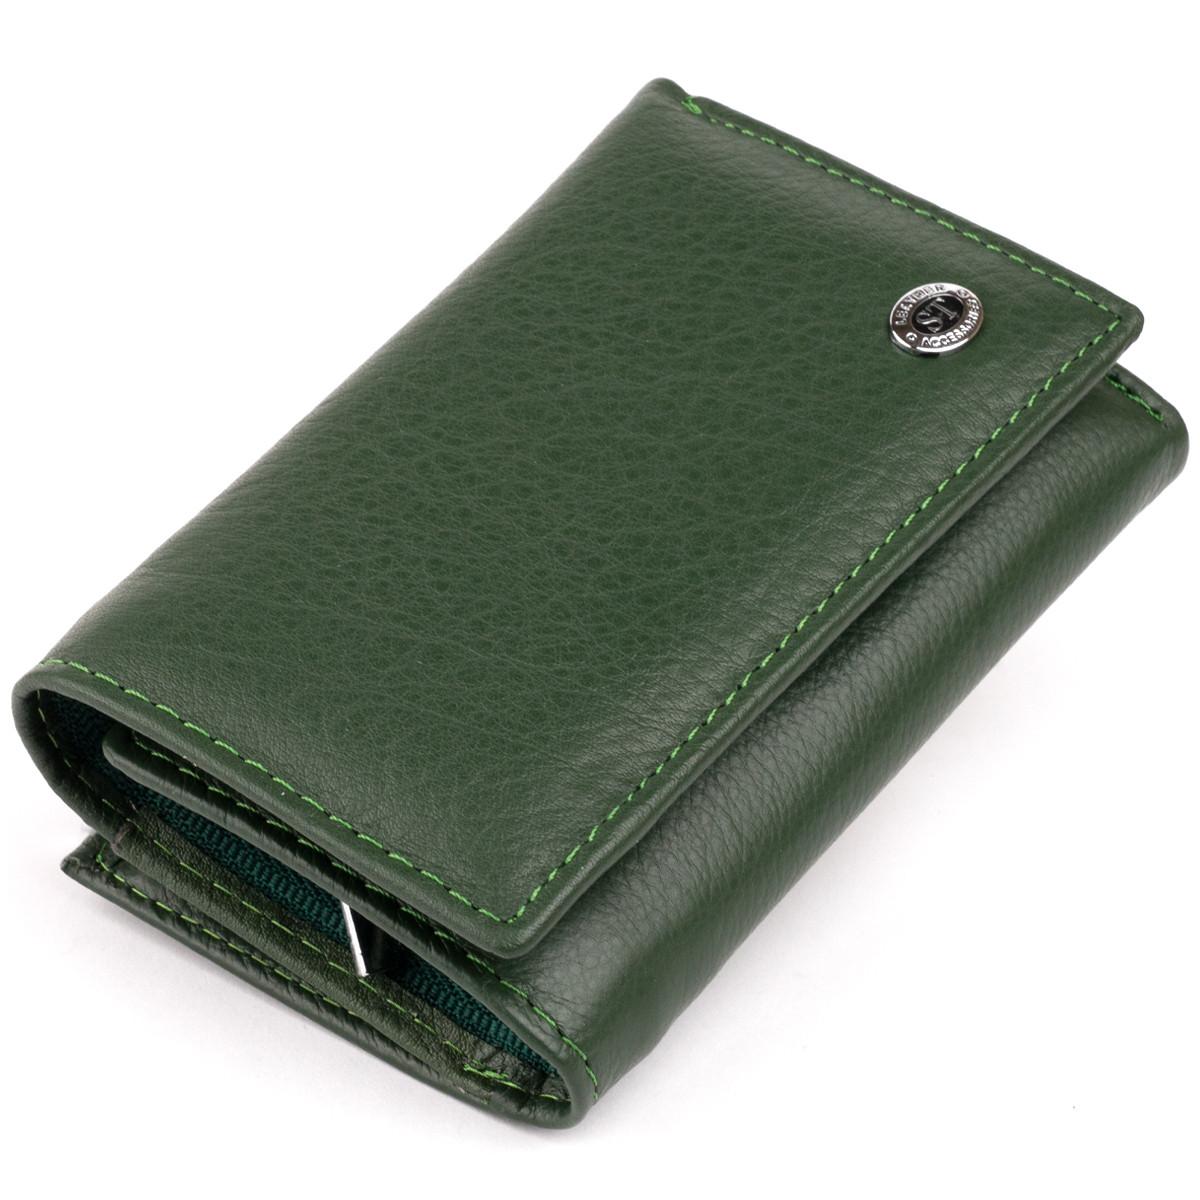 Горизонтальне портмоне зі шкіри унісекс на магніті ST Leather 19662 Зелене